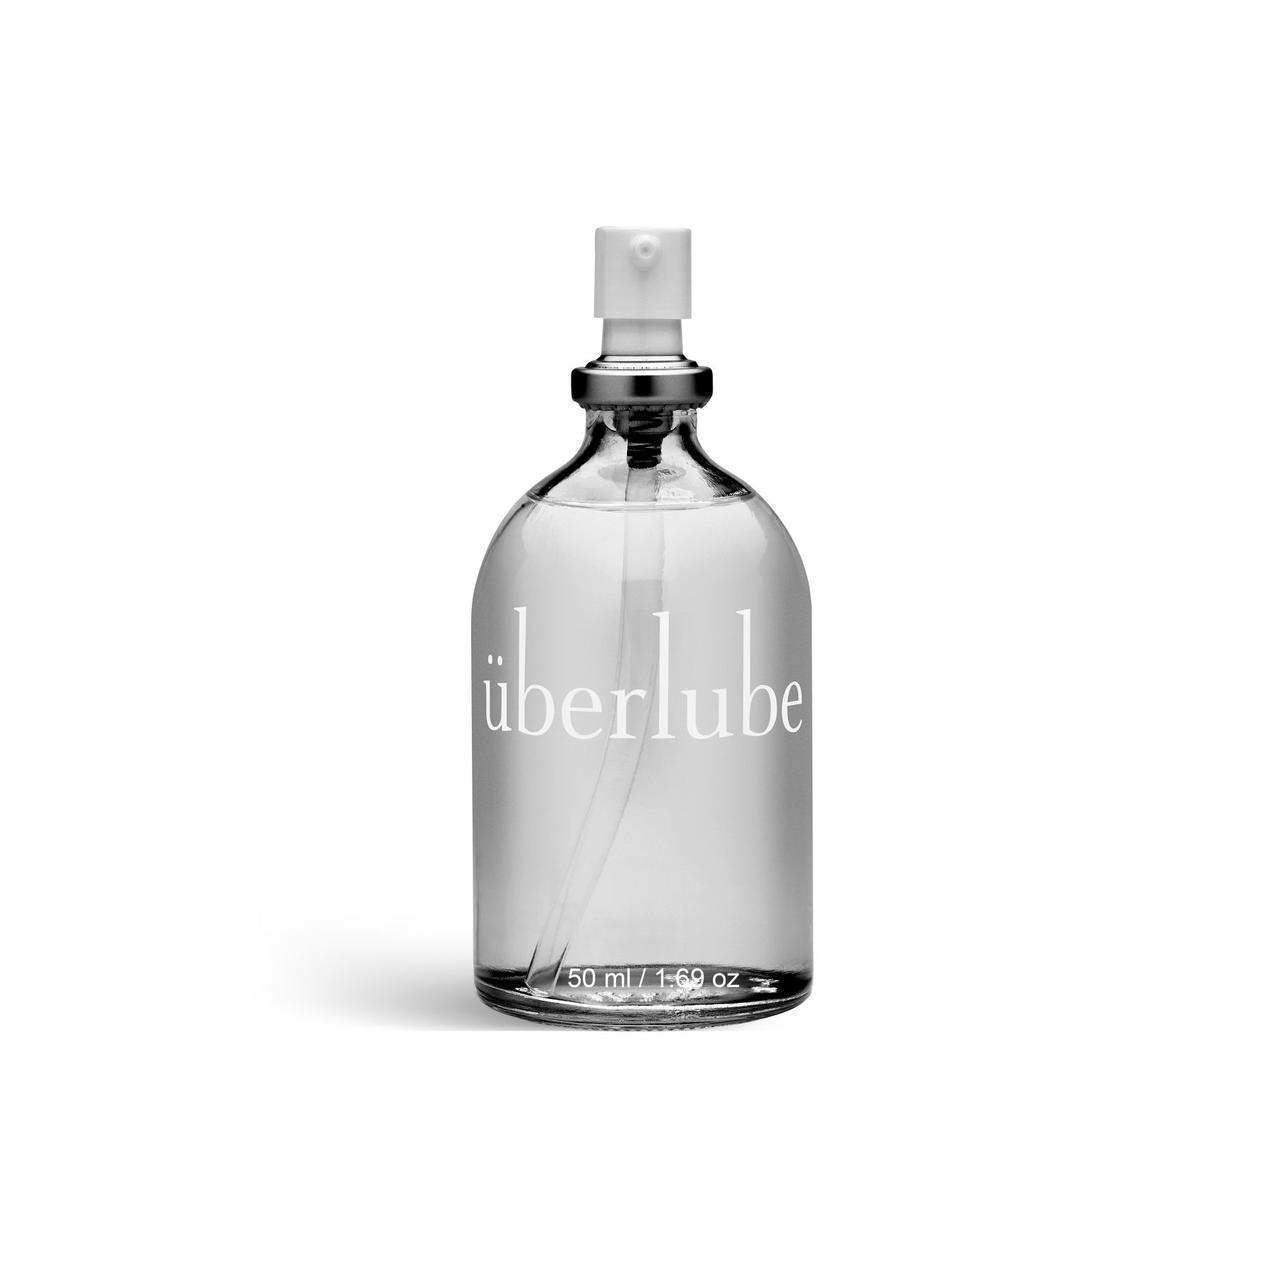 Премиум лубрикант 3-в-1 на силиконовой основе Uberlube (50 мл) для секса, ухода за телом и волосами